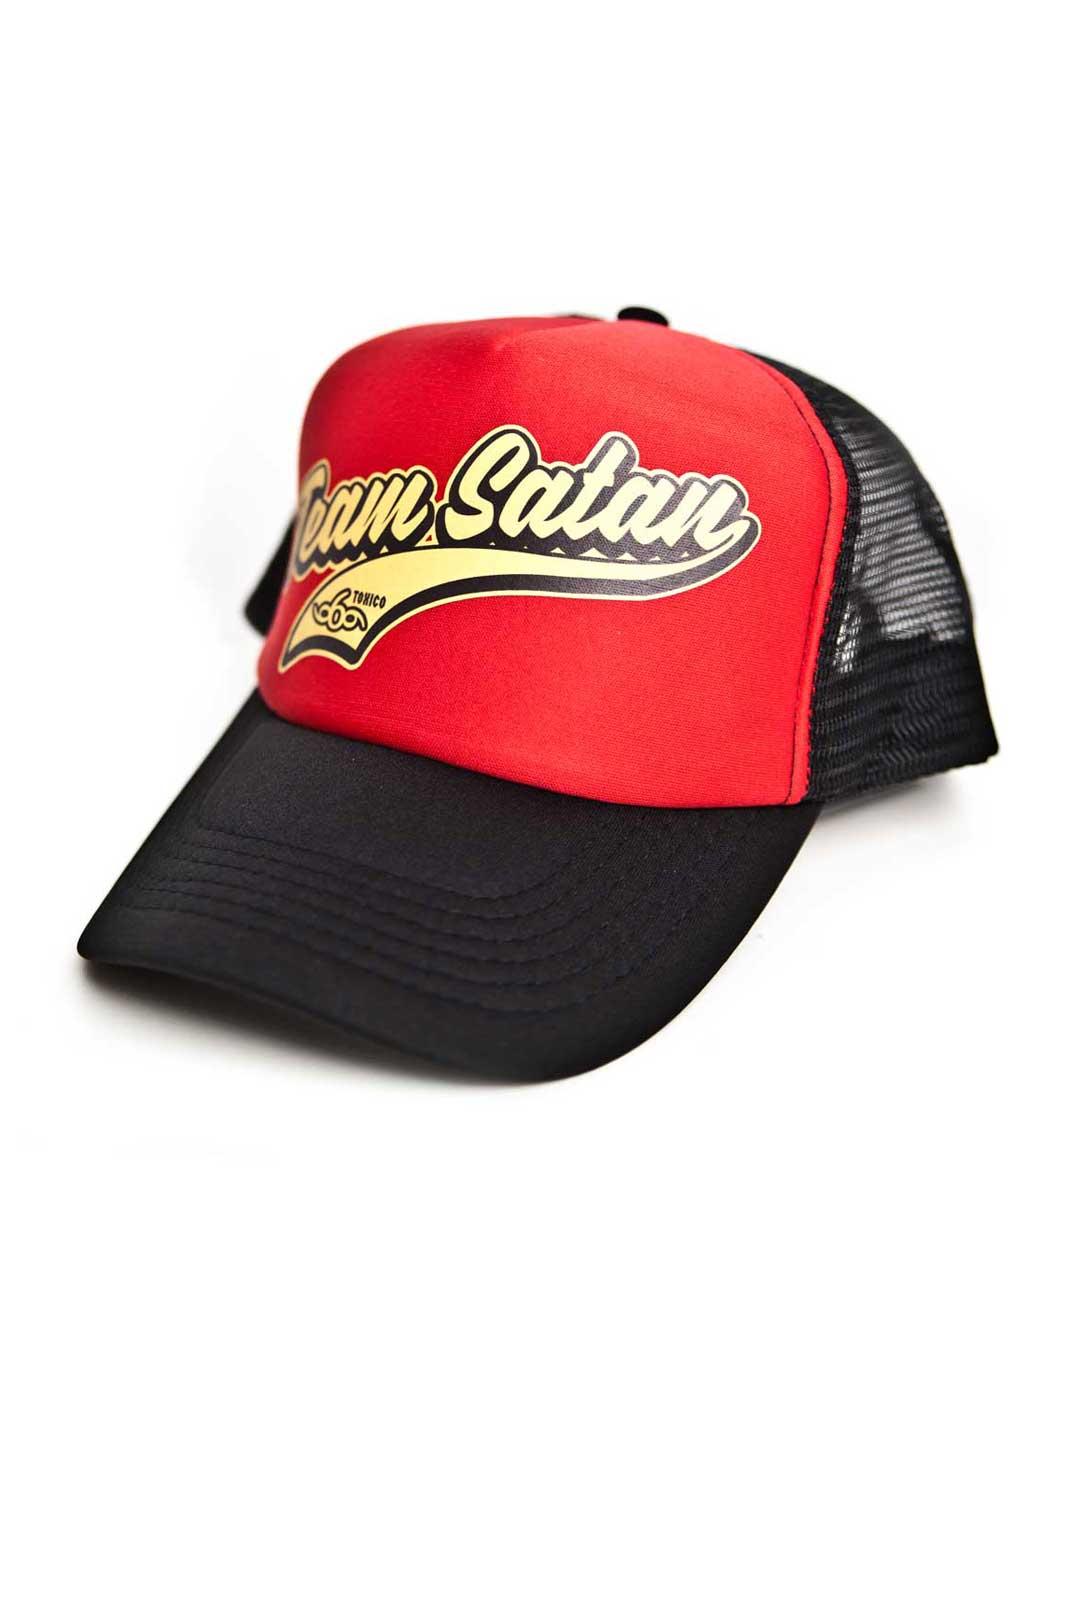 Team Satan Trucker